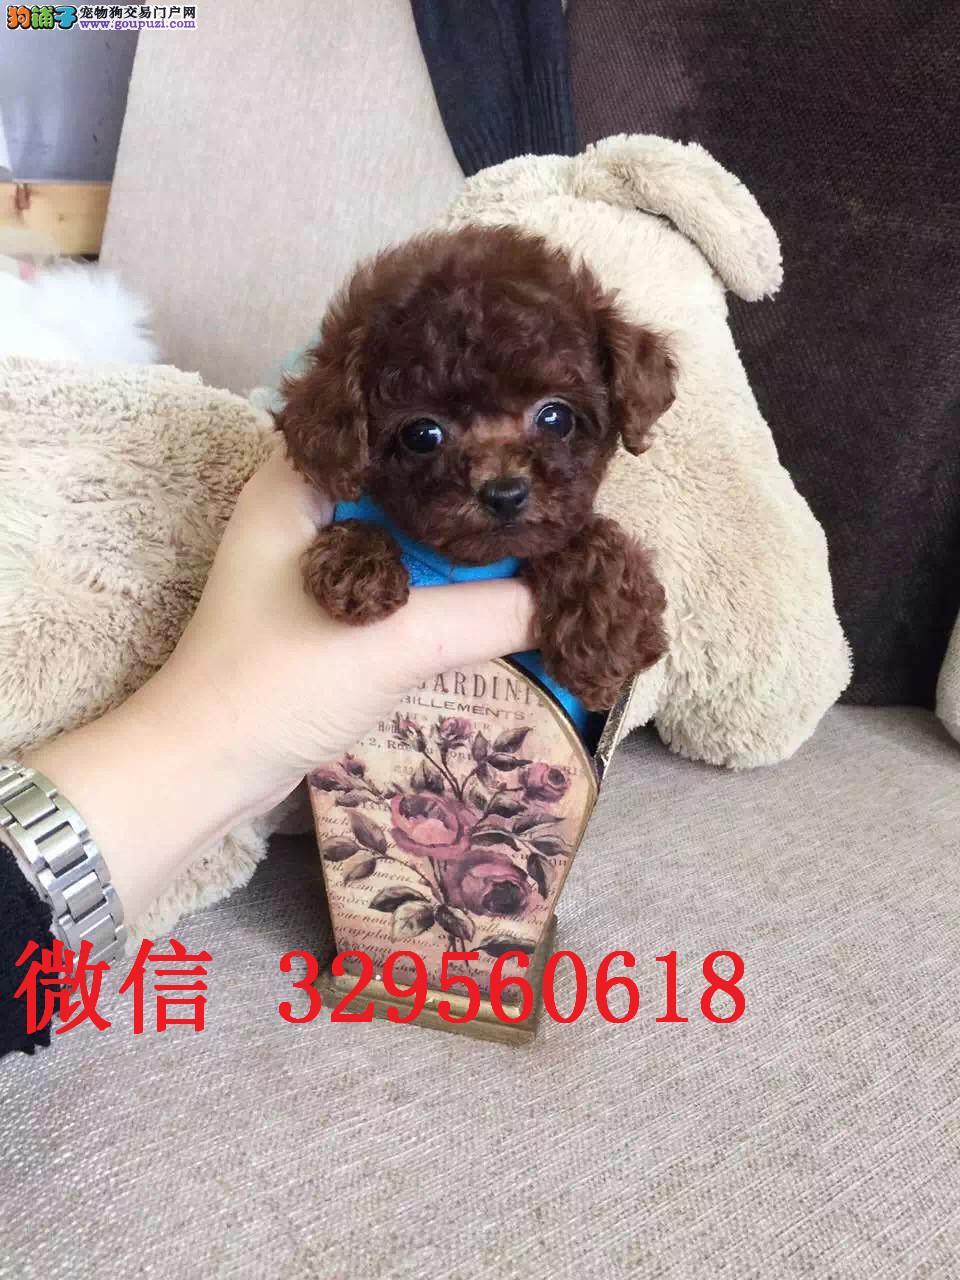 天津哪里卖泰迪犬 小体泰迪犬 红色泰迪 泰迪熊多少钱